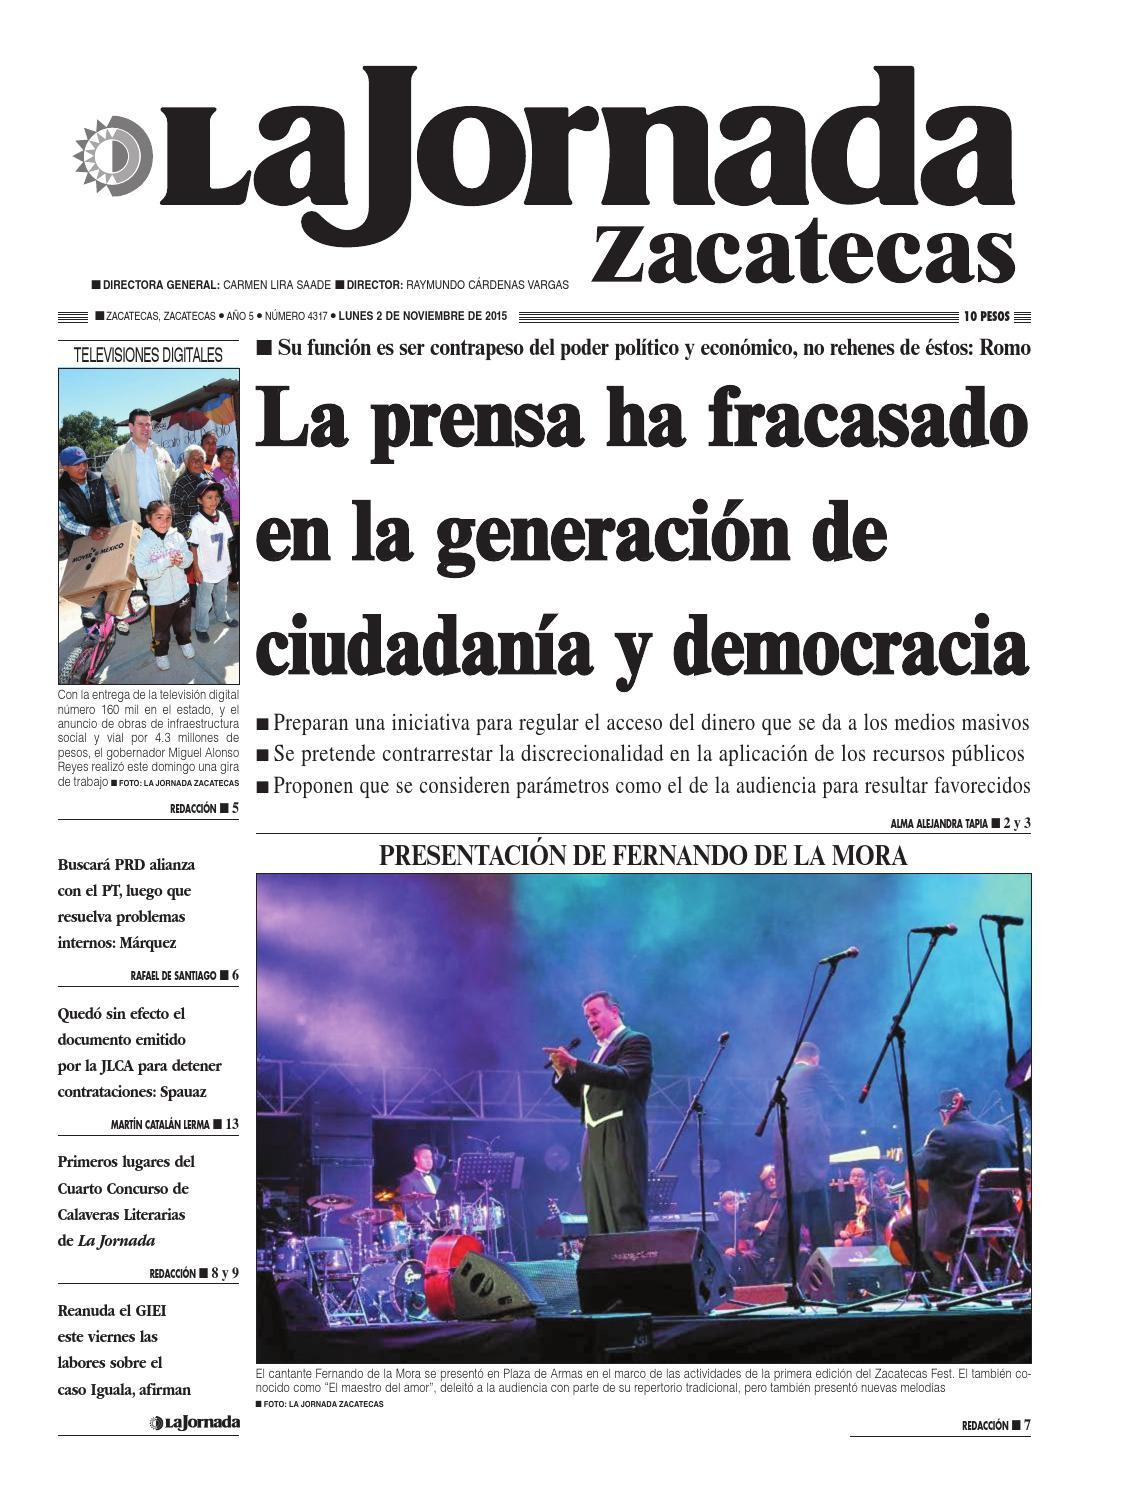 La Jornada Zacatecas, lunes 2 de noviembre de 2015 by La Jornada ...